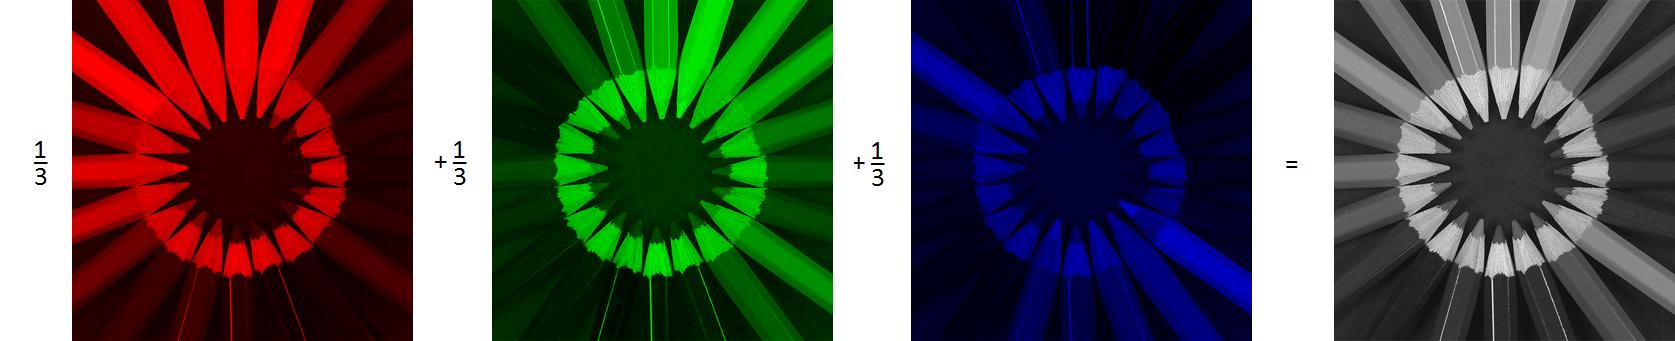 Abb. 5: Arithmetisches Mittel der Komponentenmatrizen